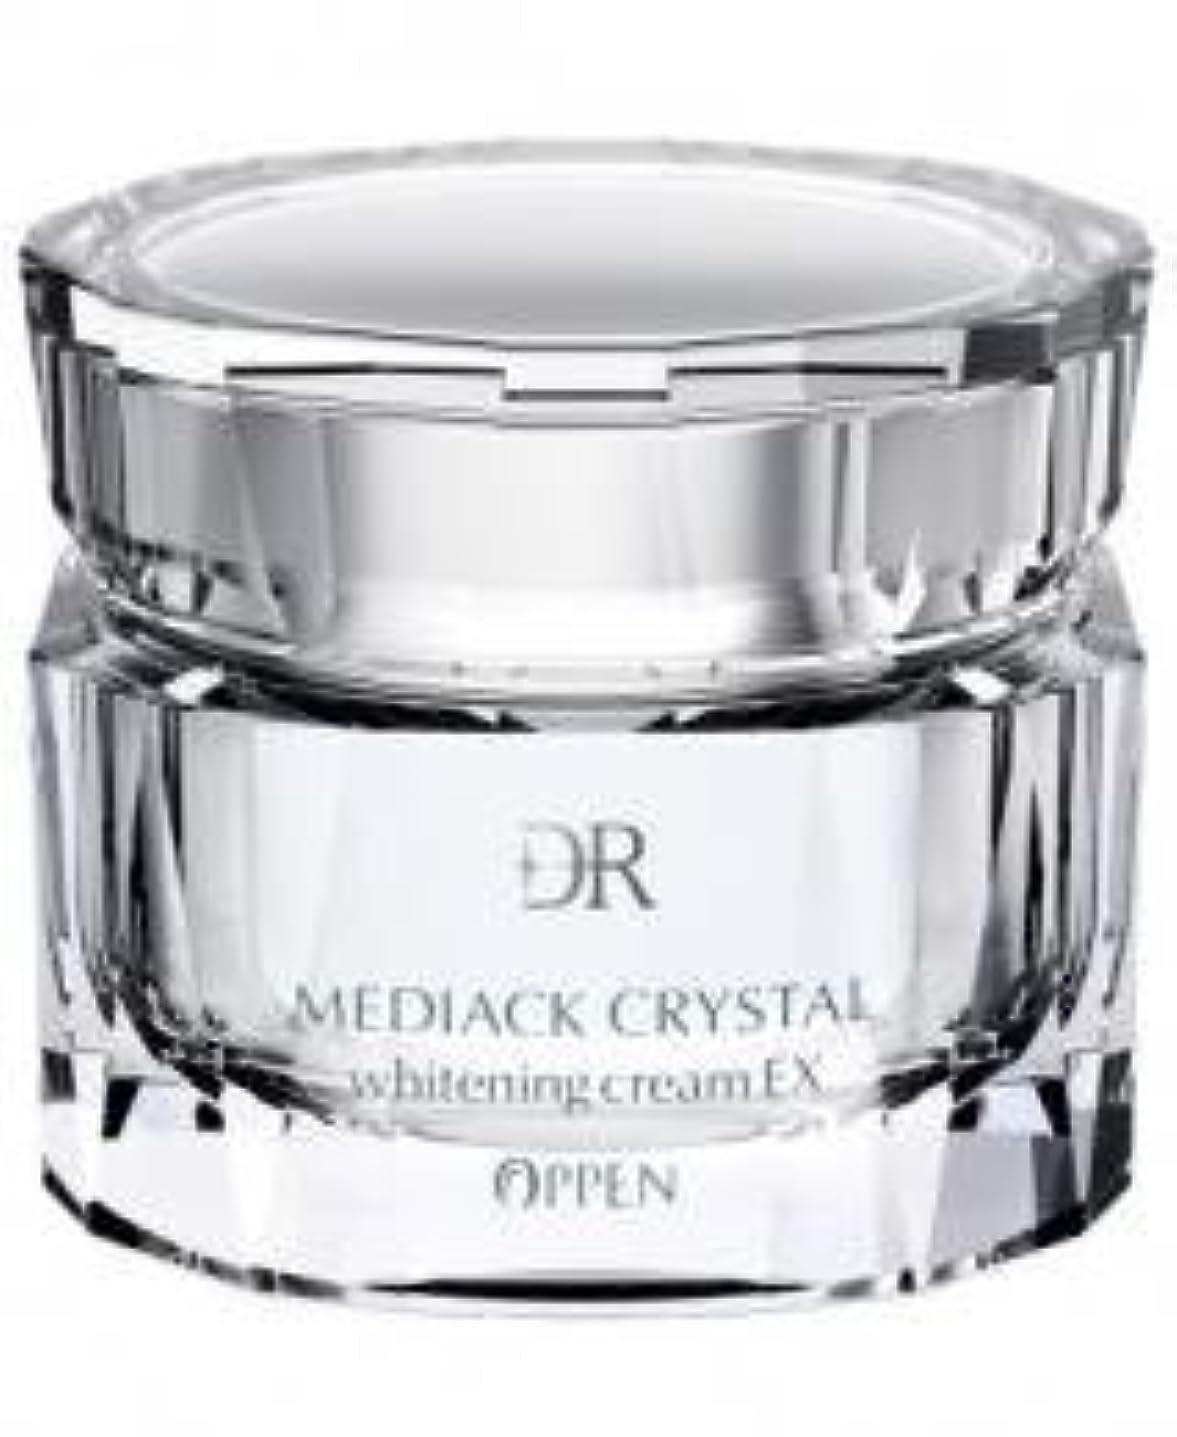 名誉離れて場所オッペン化粧品【OPPEN】 DRメディアッククリスタル ホワイトニングクリーム 35g